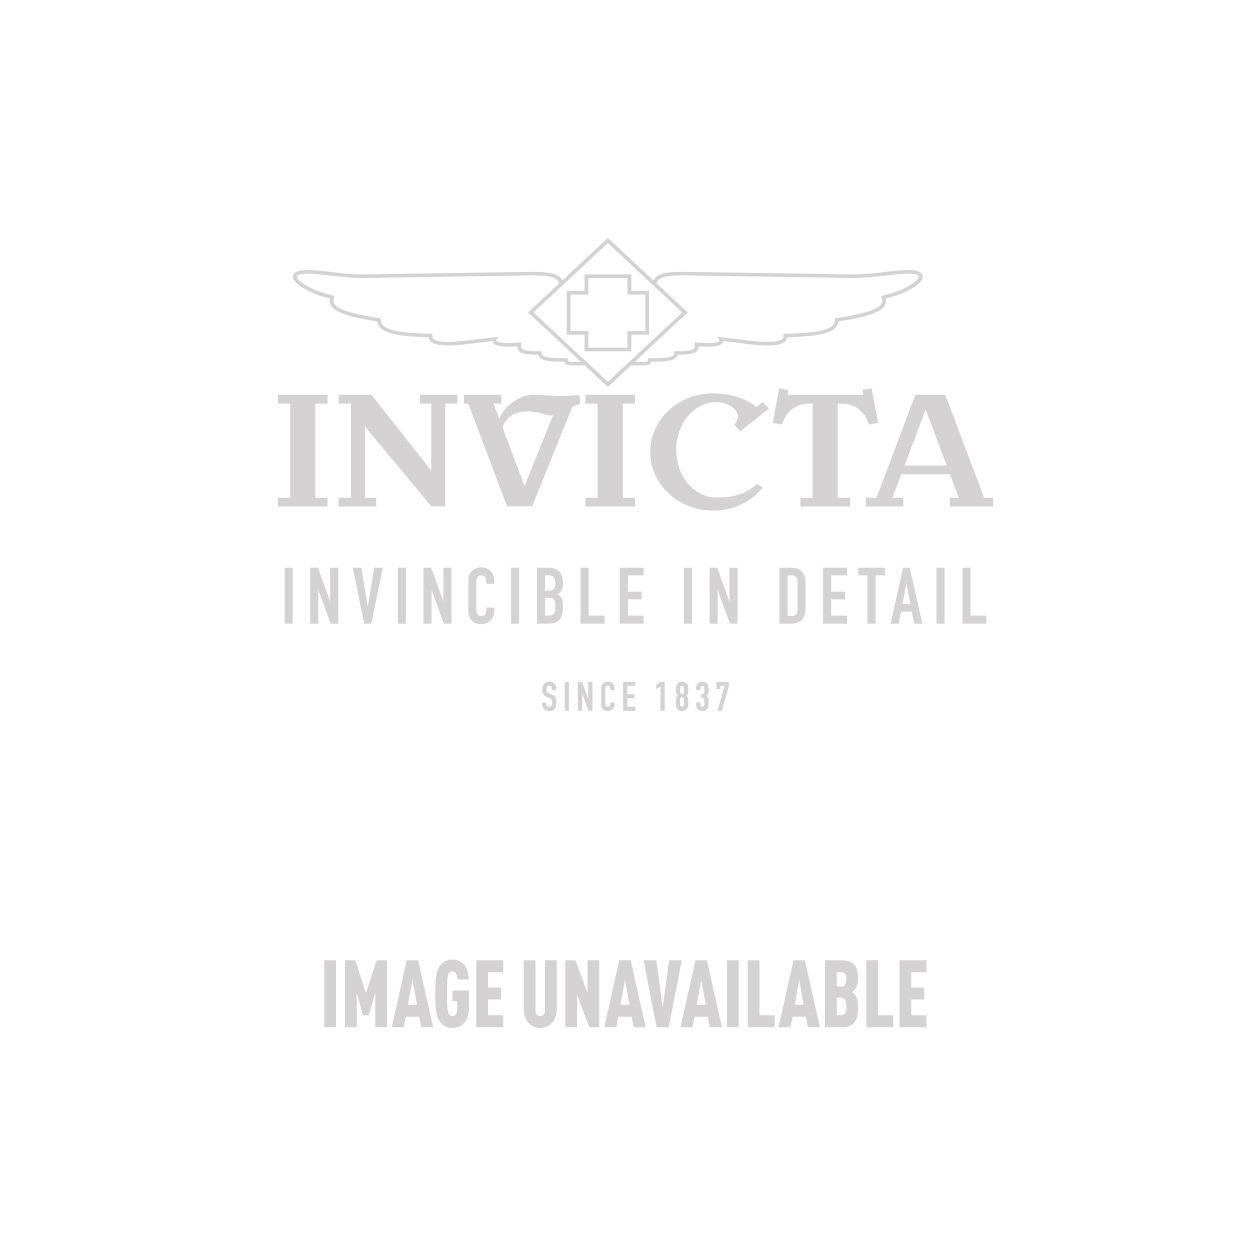 Invicta Model 27703